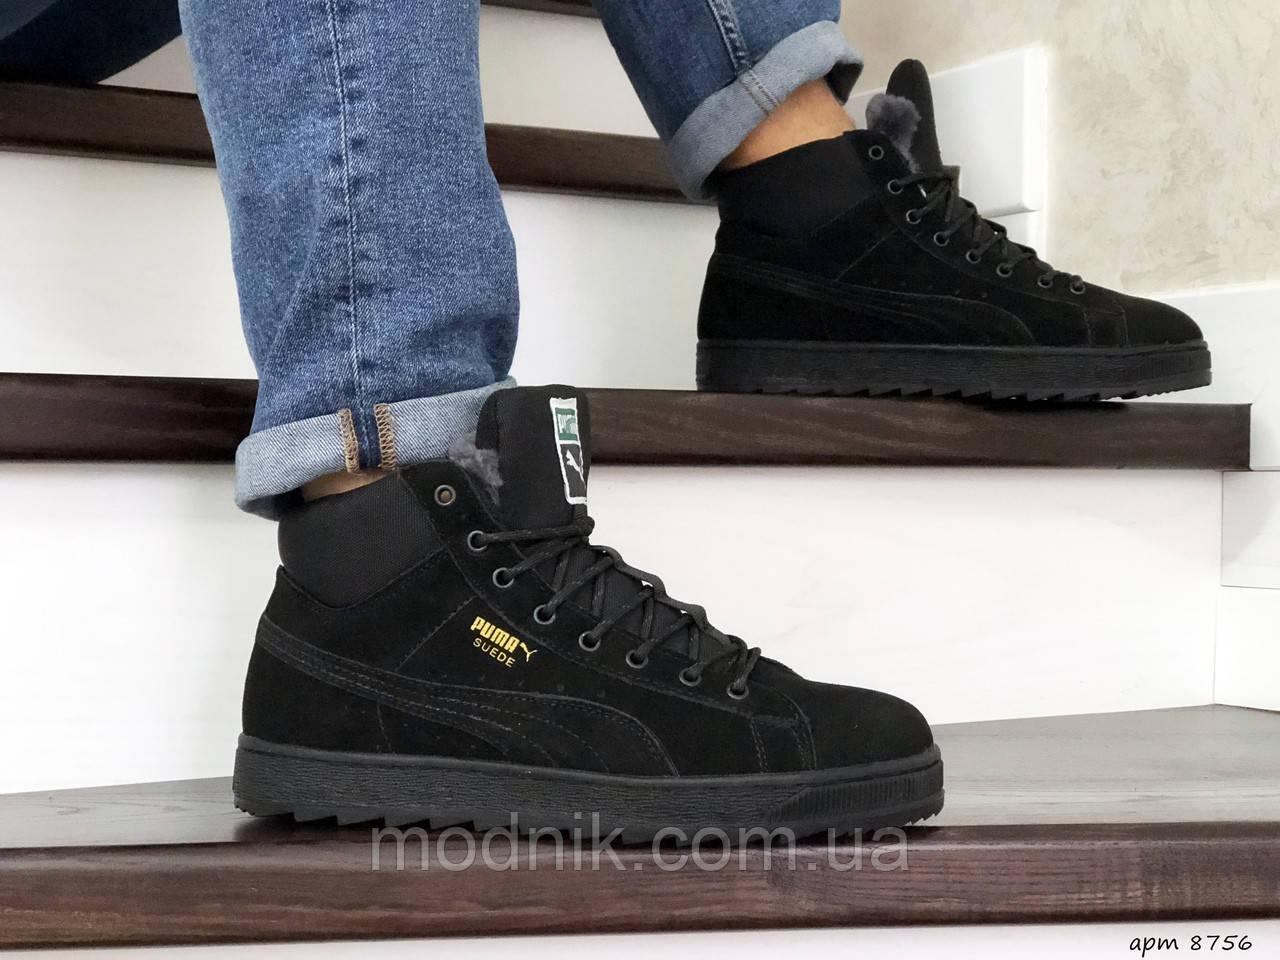 Мужские зимние кроссовки Puma Suede (черные)